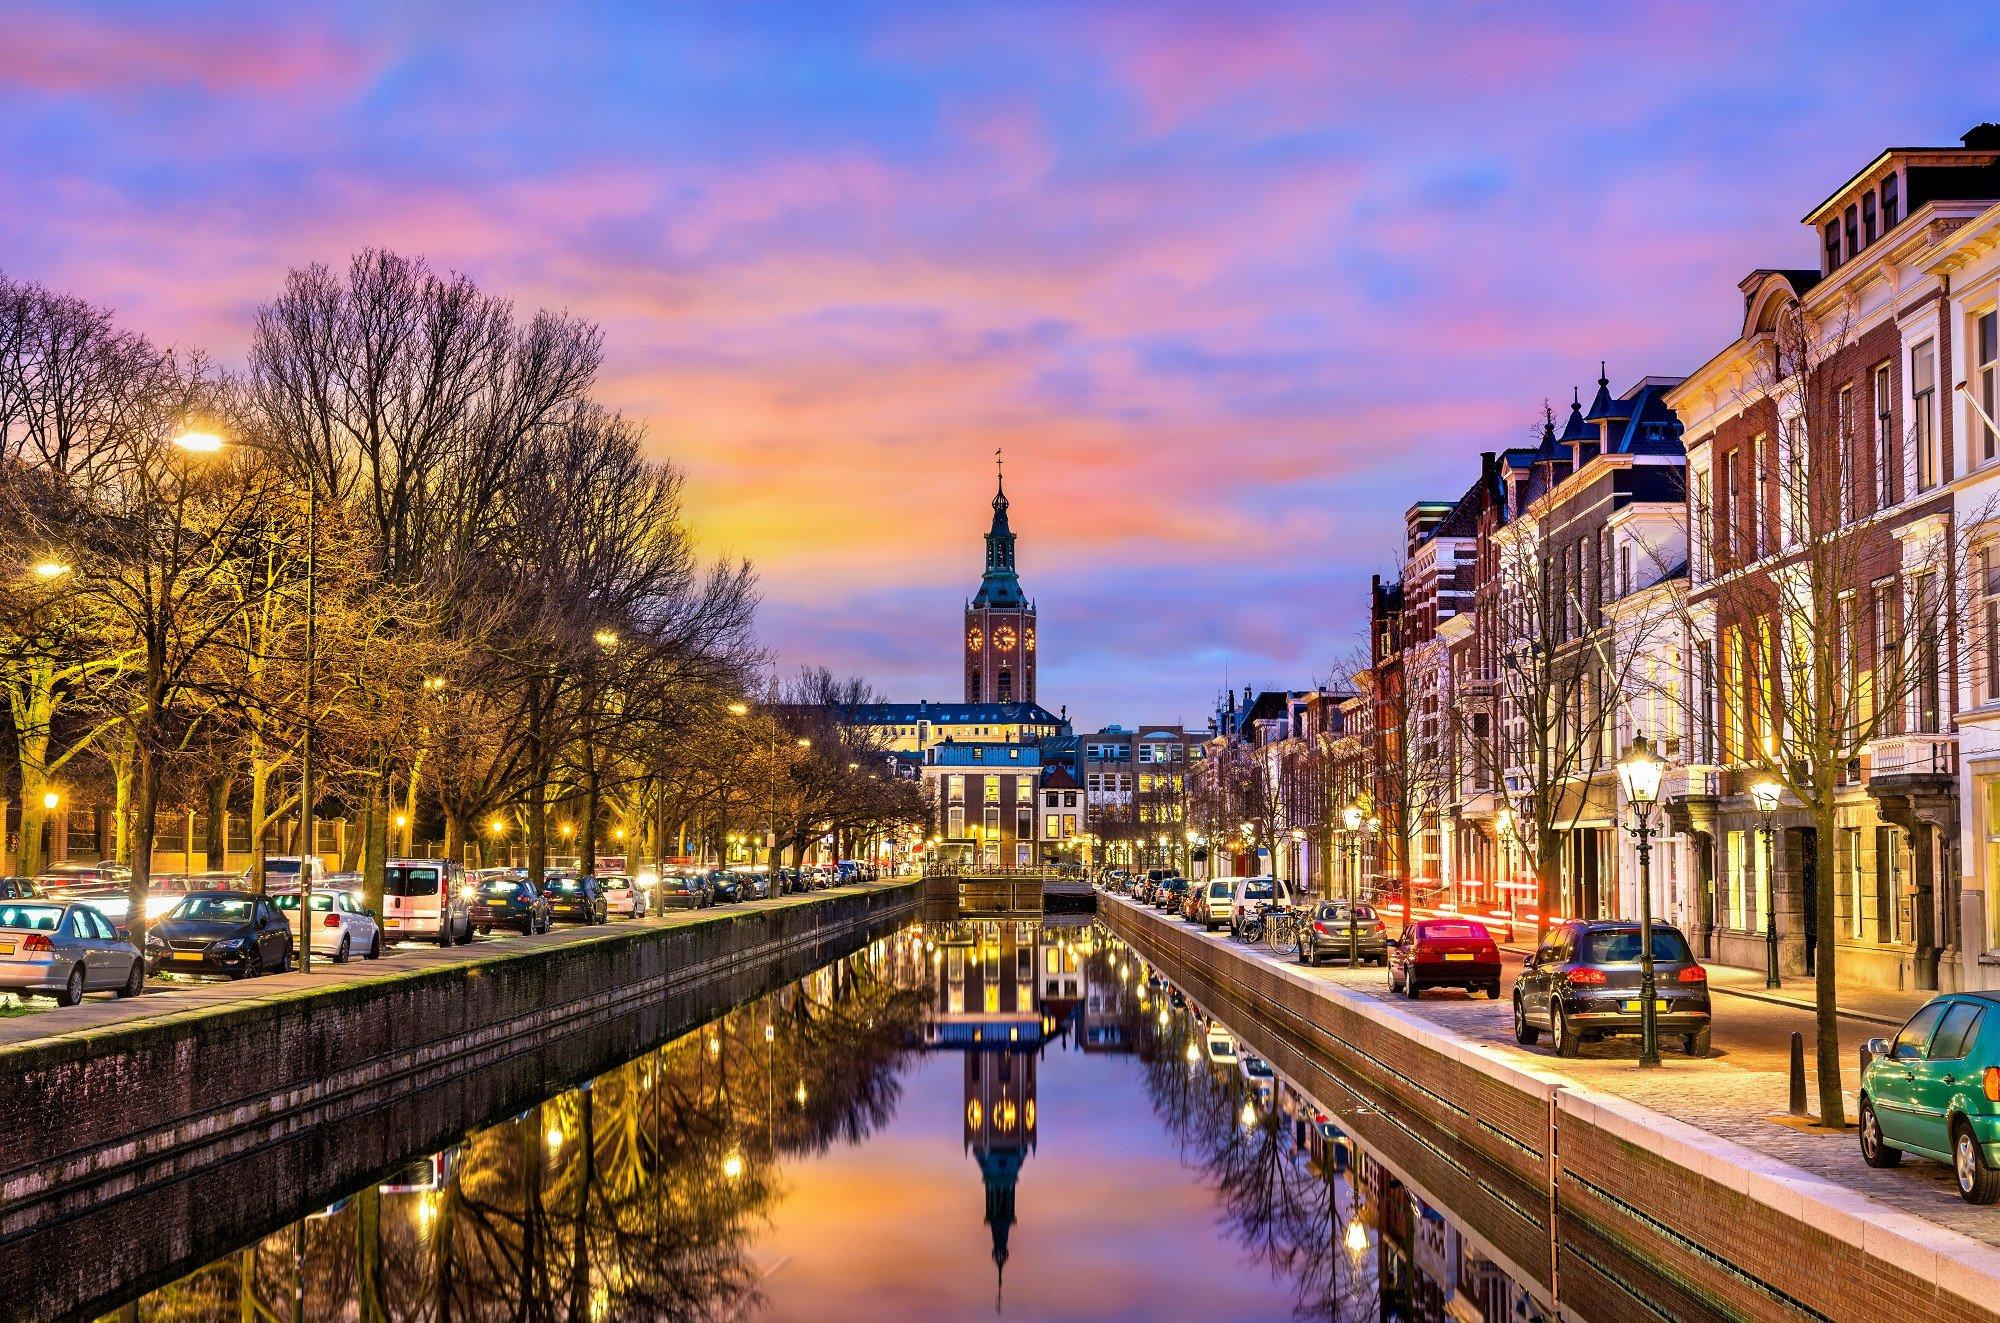 Dagaanbieding - 2 of 3 dagen in een top beoordeeld hotel bij het centrum van Den Haag incl. ontbijt (ook boekbaar incl. 2-gangendiner) dagelijkse koopjes